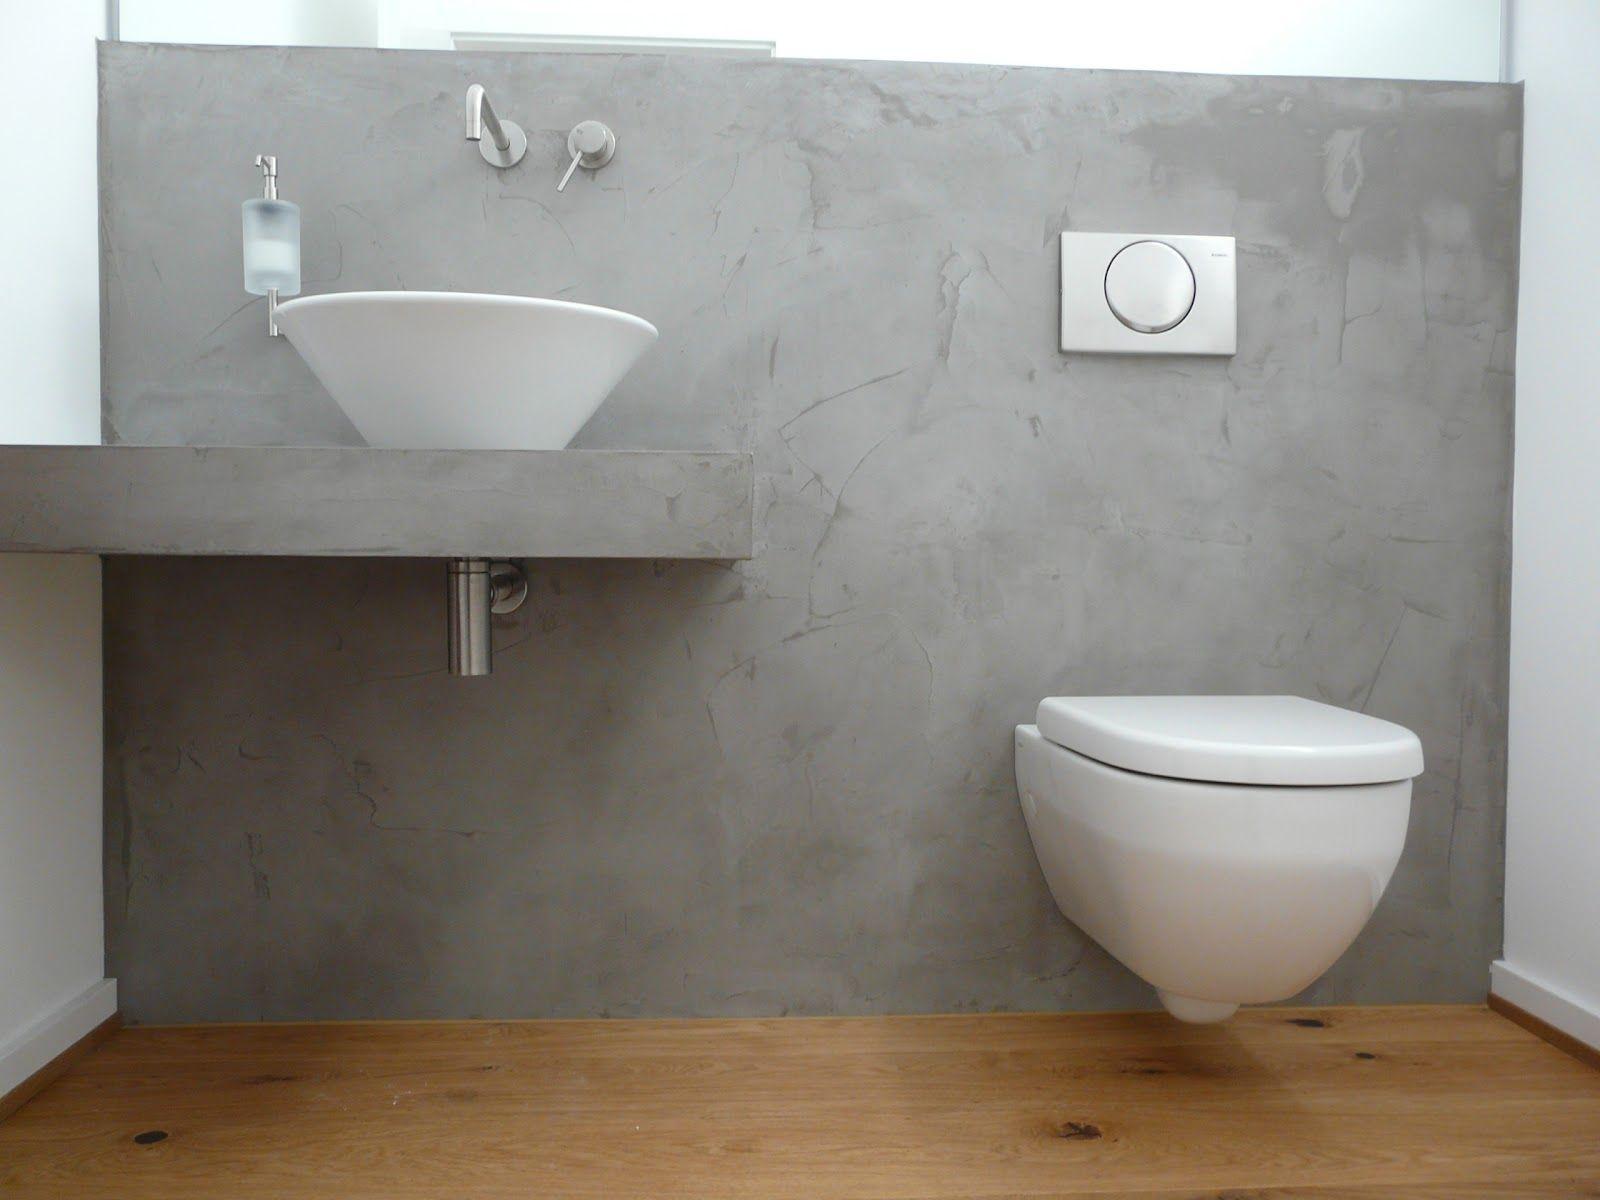 Beton Cire Floor Preise Betonoptik Microtopping Kosten Kaufen Verarbeitung Fugenlose Böden Microzement Designboden Betonputz